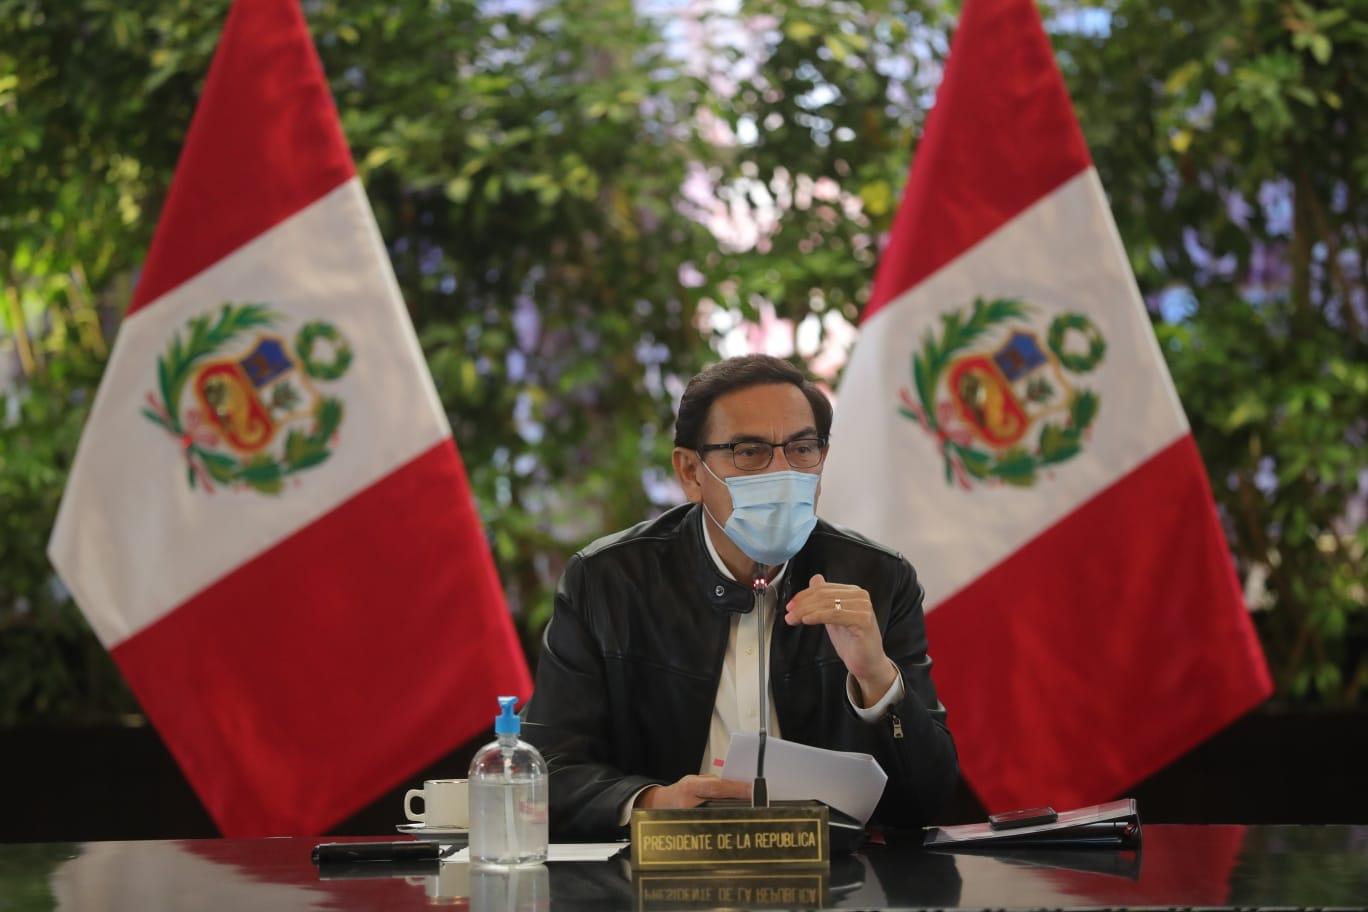 Perú reanudará vuelos internacionales en octubre y mantendrá cuarentena solo en 3 provincias